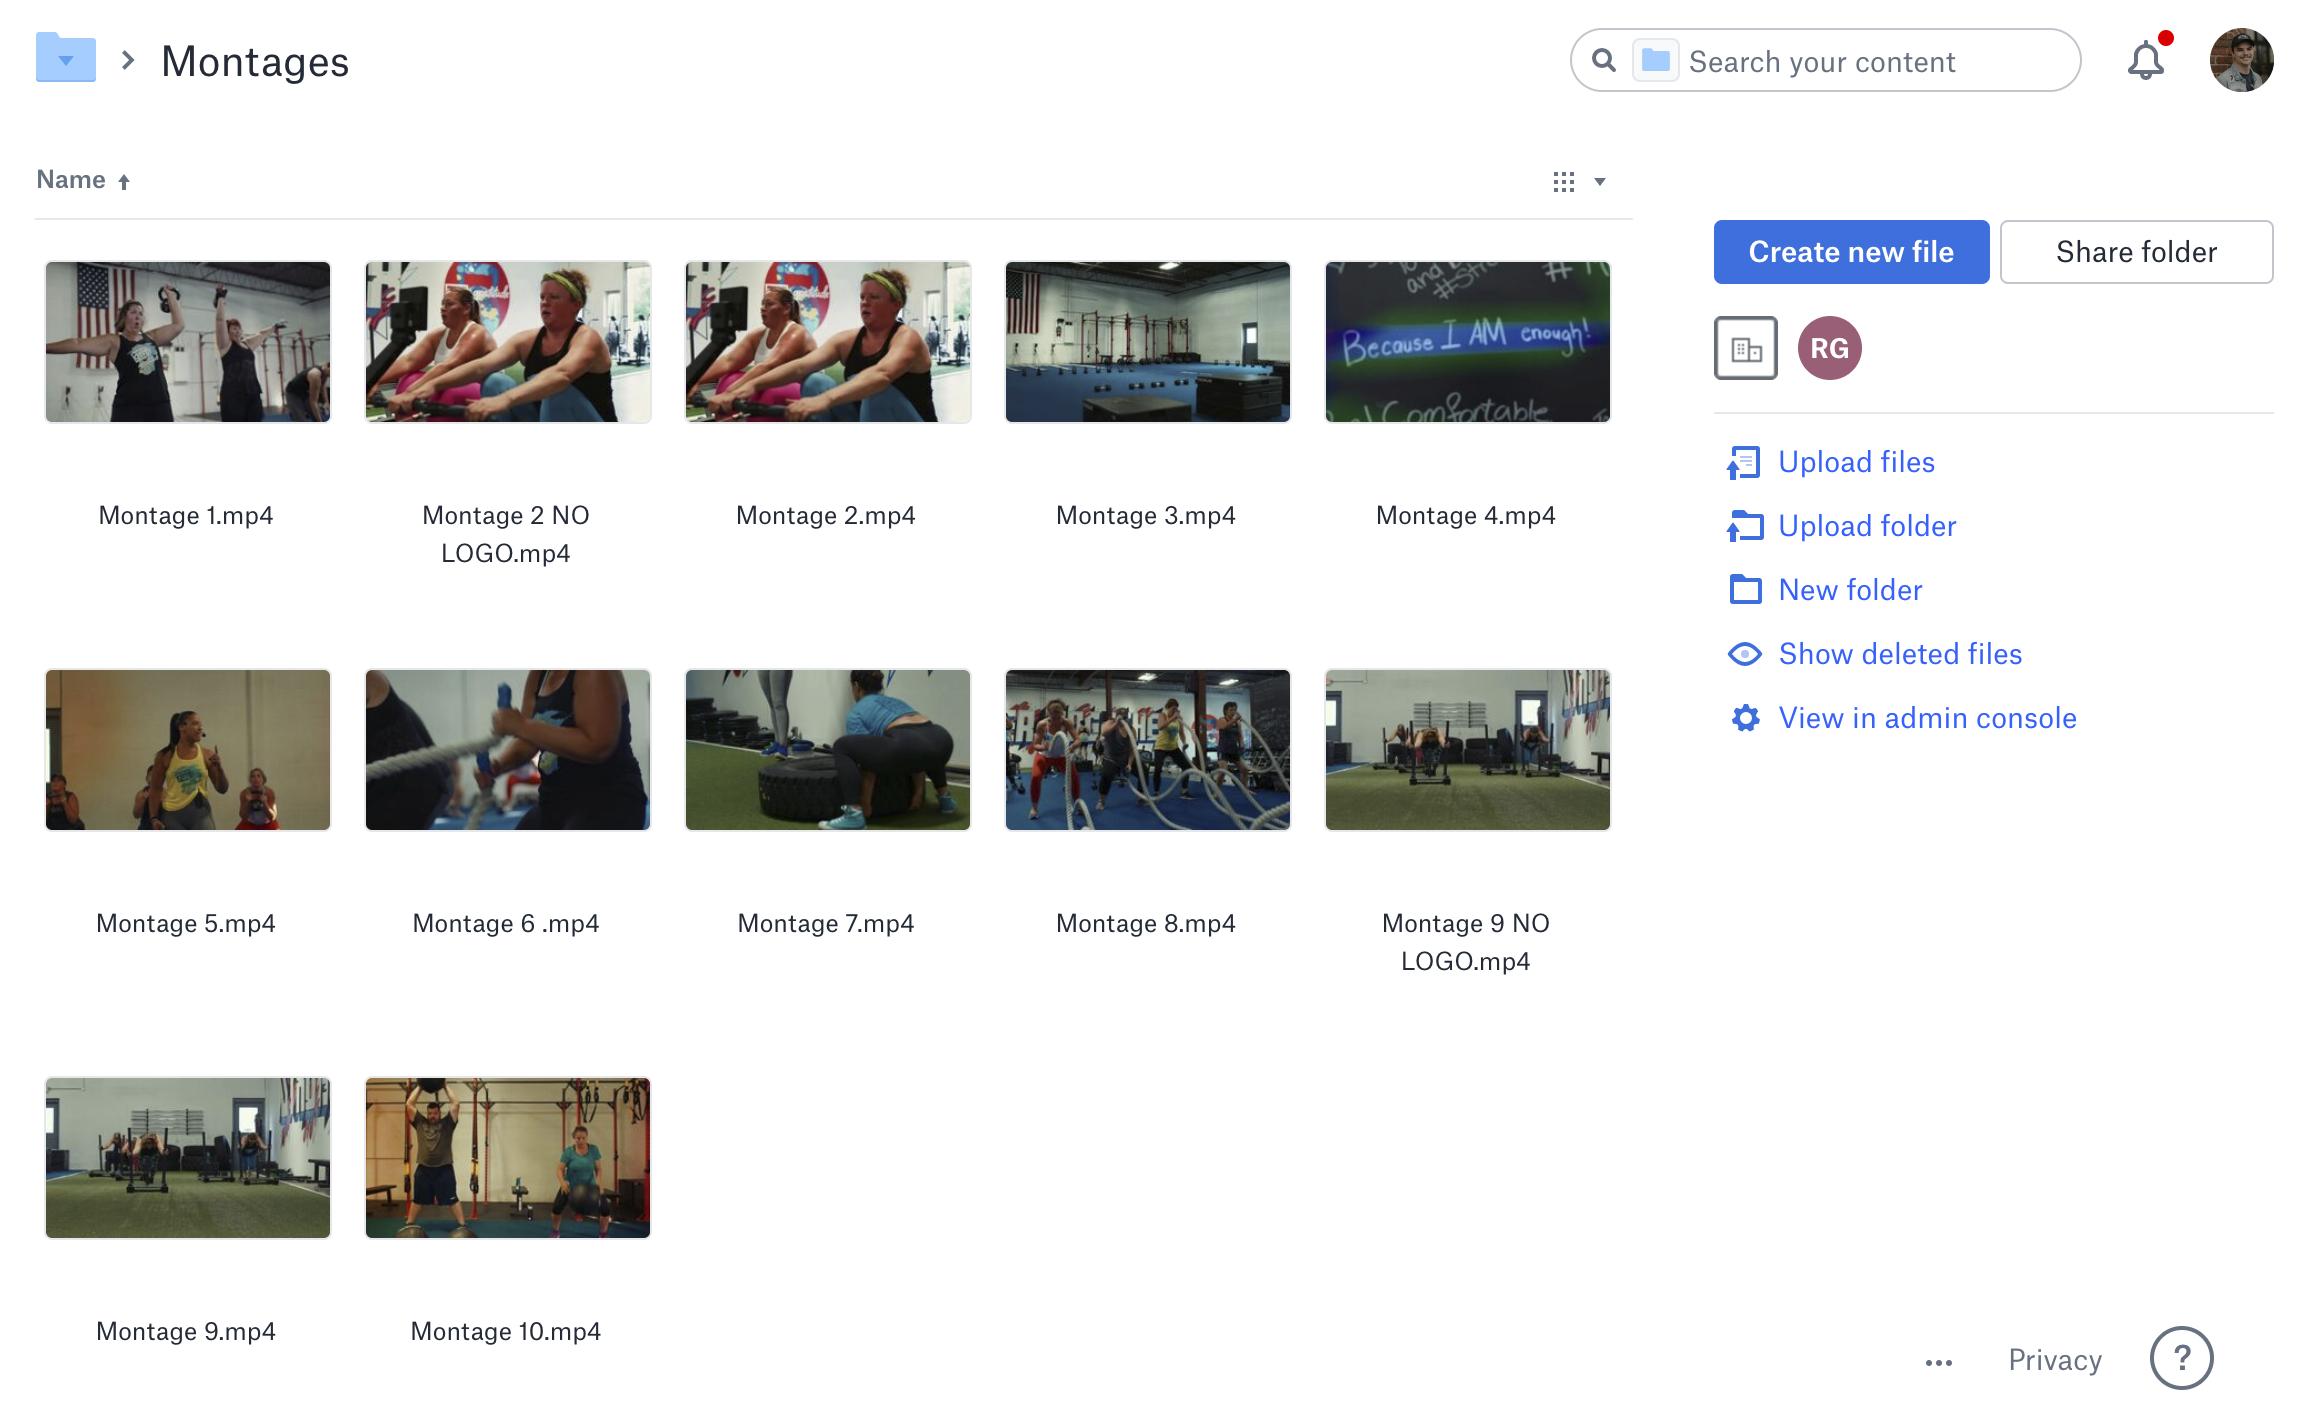 Screen Shot 2019-08-27 at 1.17.44 PM.png